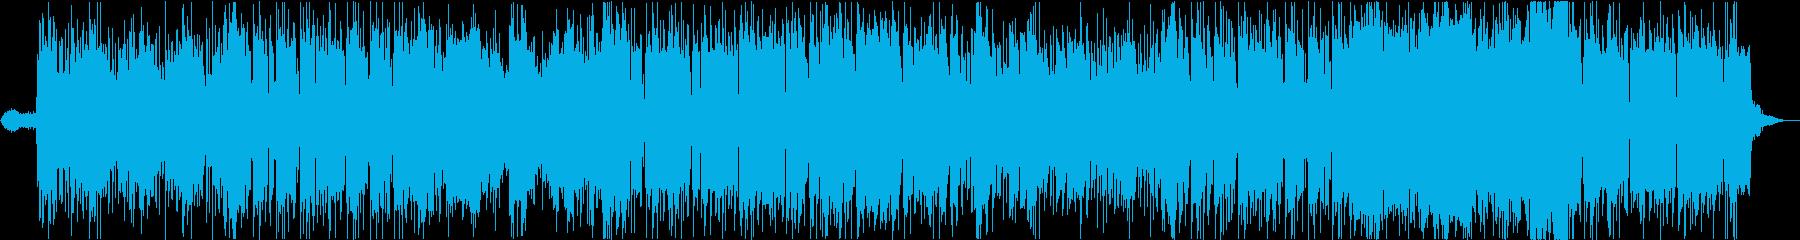 骨太ベースのスタイリッシュな曲の再生済みの波形